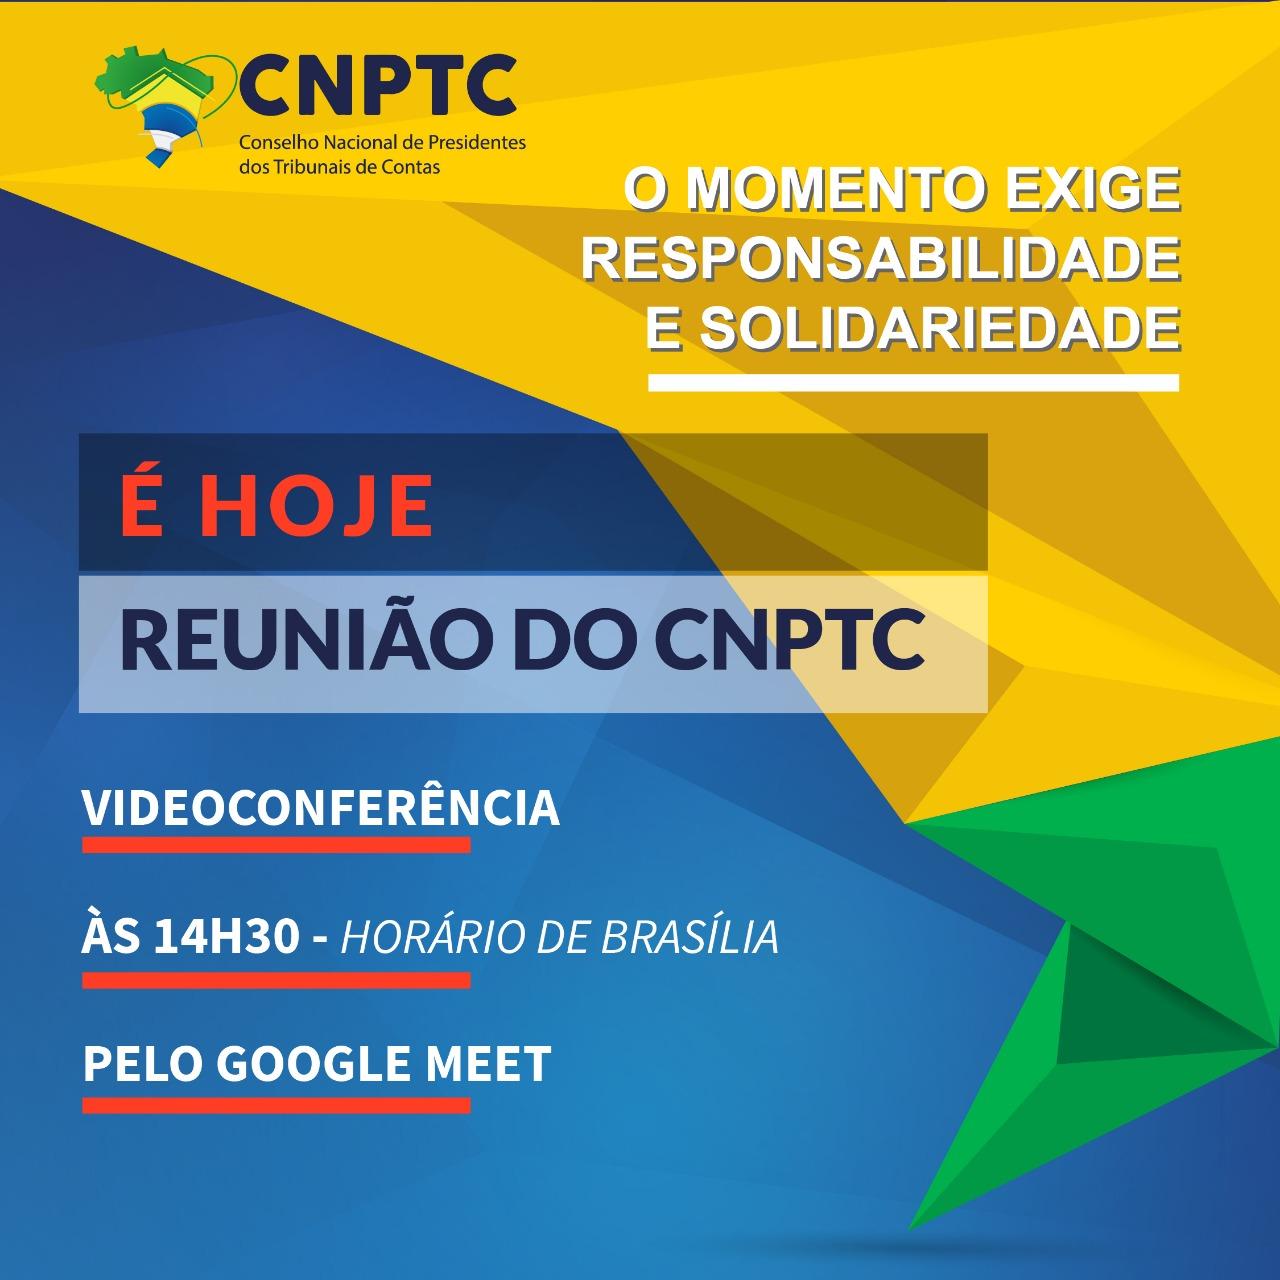 Capa de notícia: Reunião do CNPTC